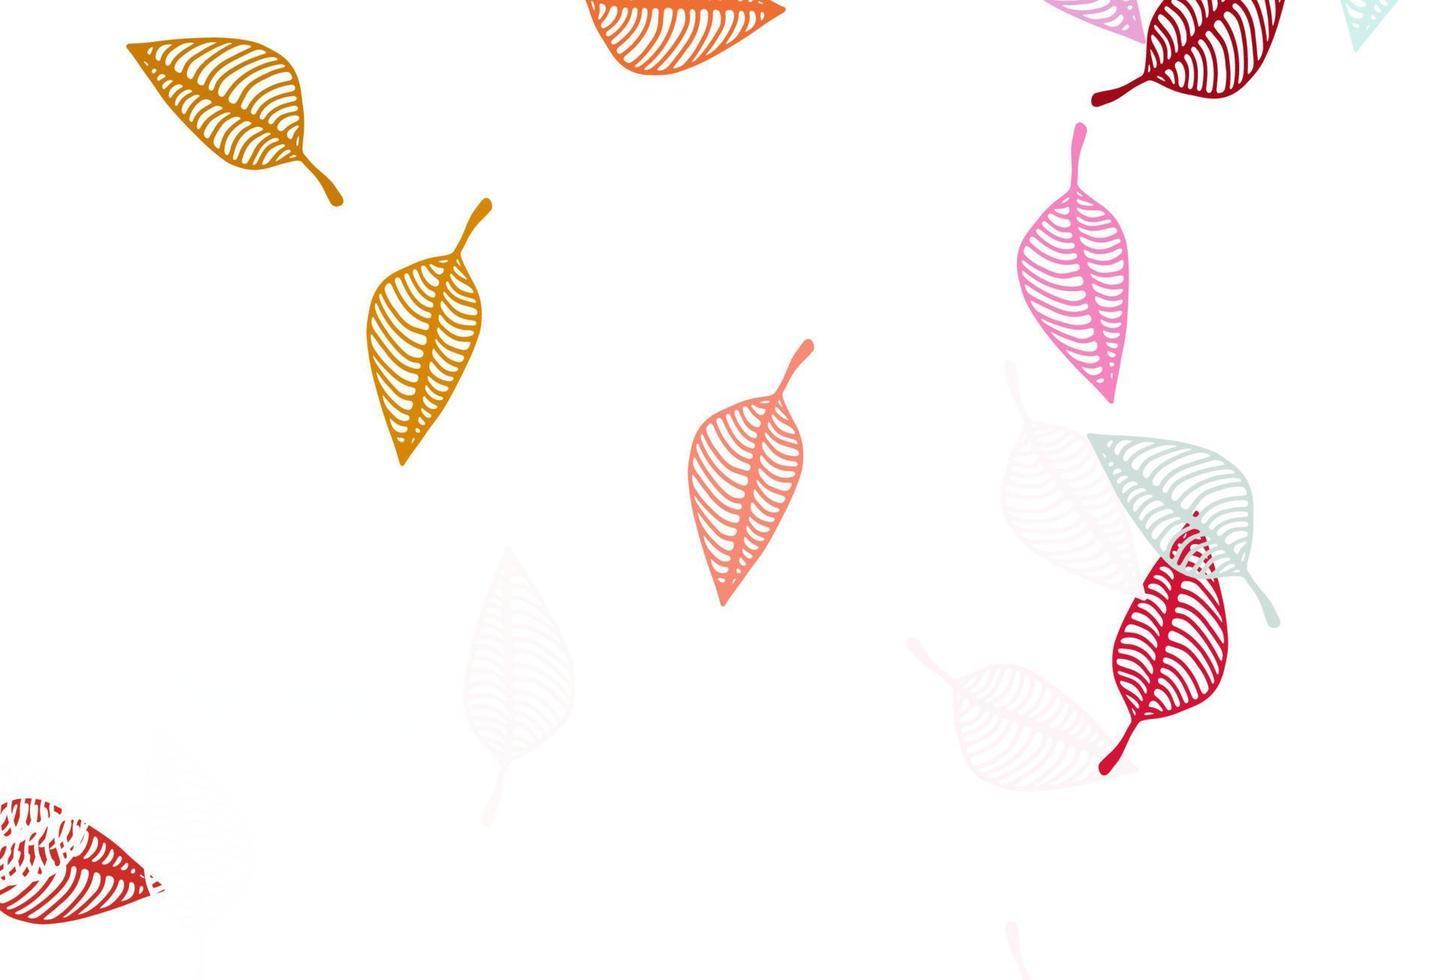 modelo de doodle de vetor rosa e amarelo claro.